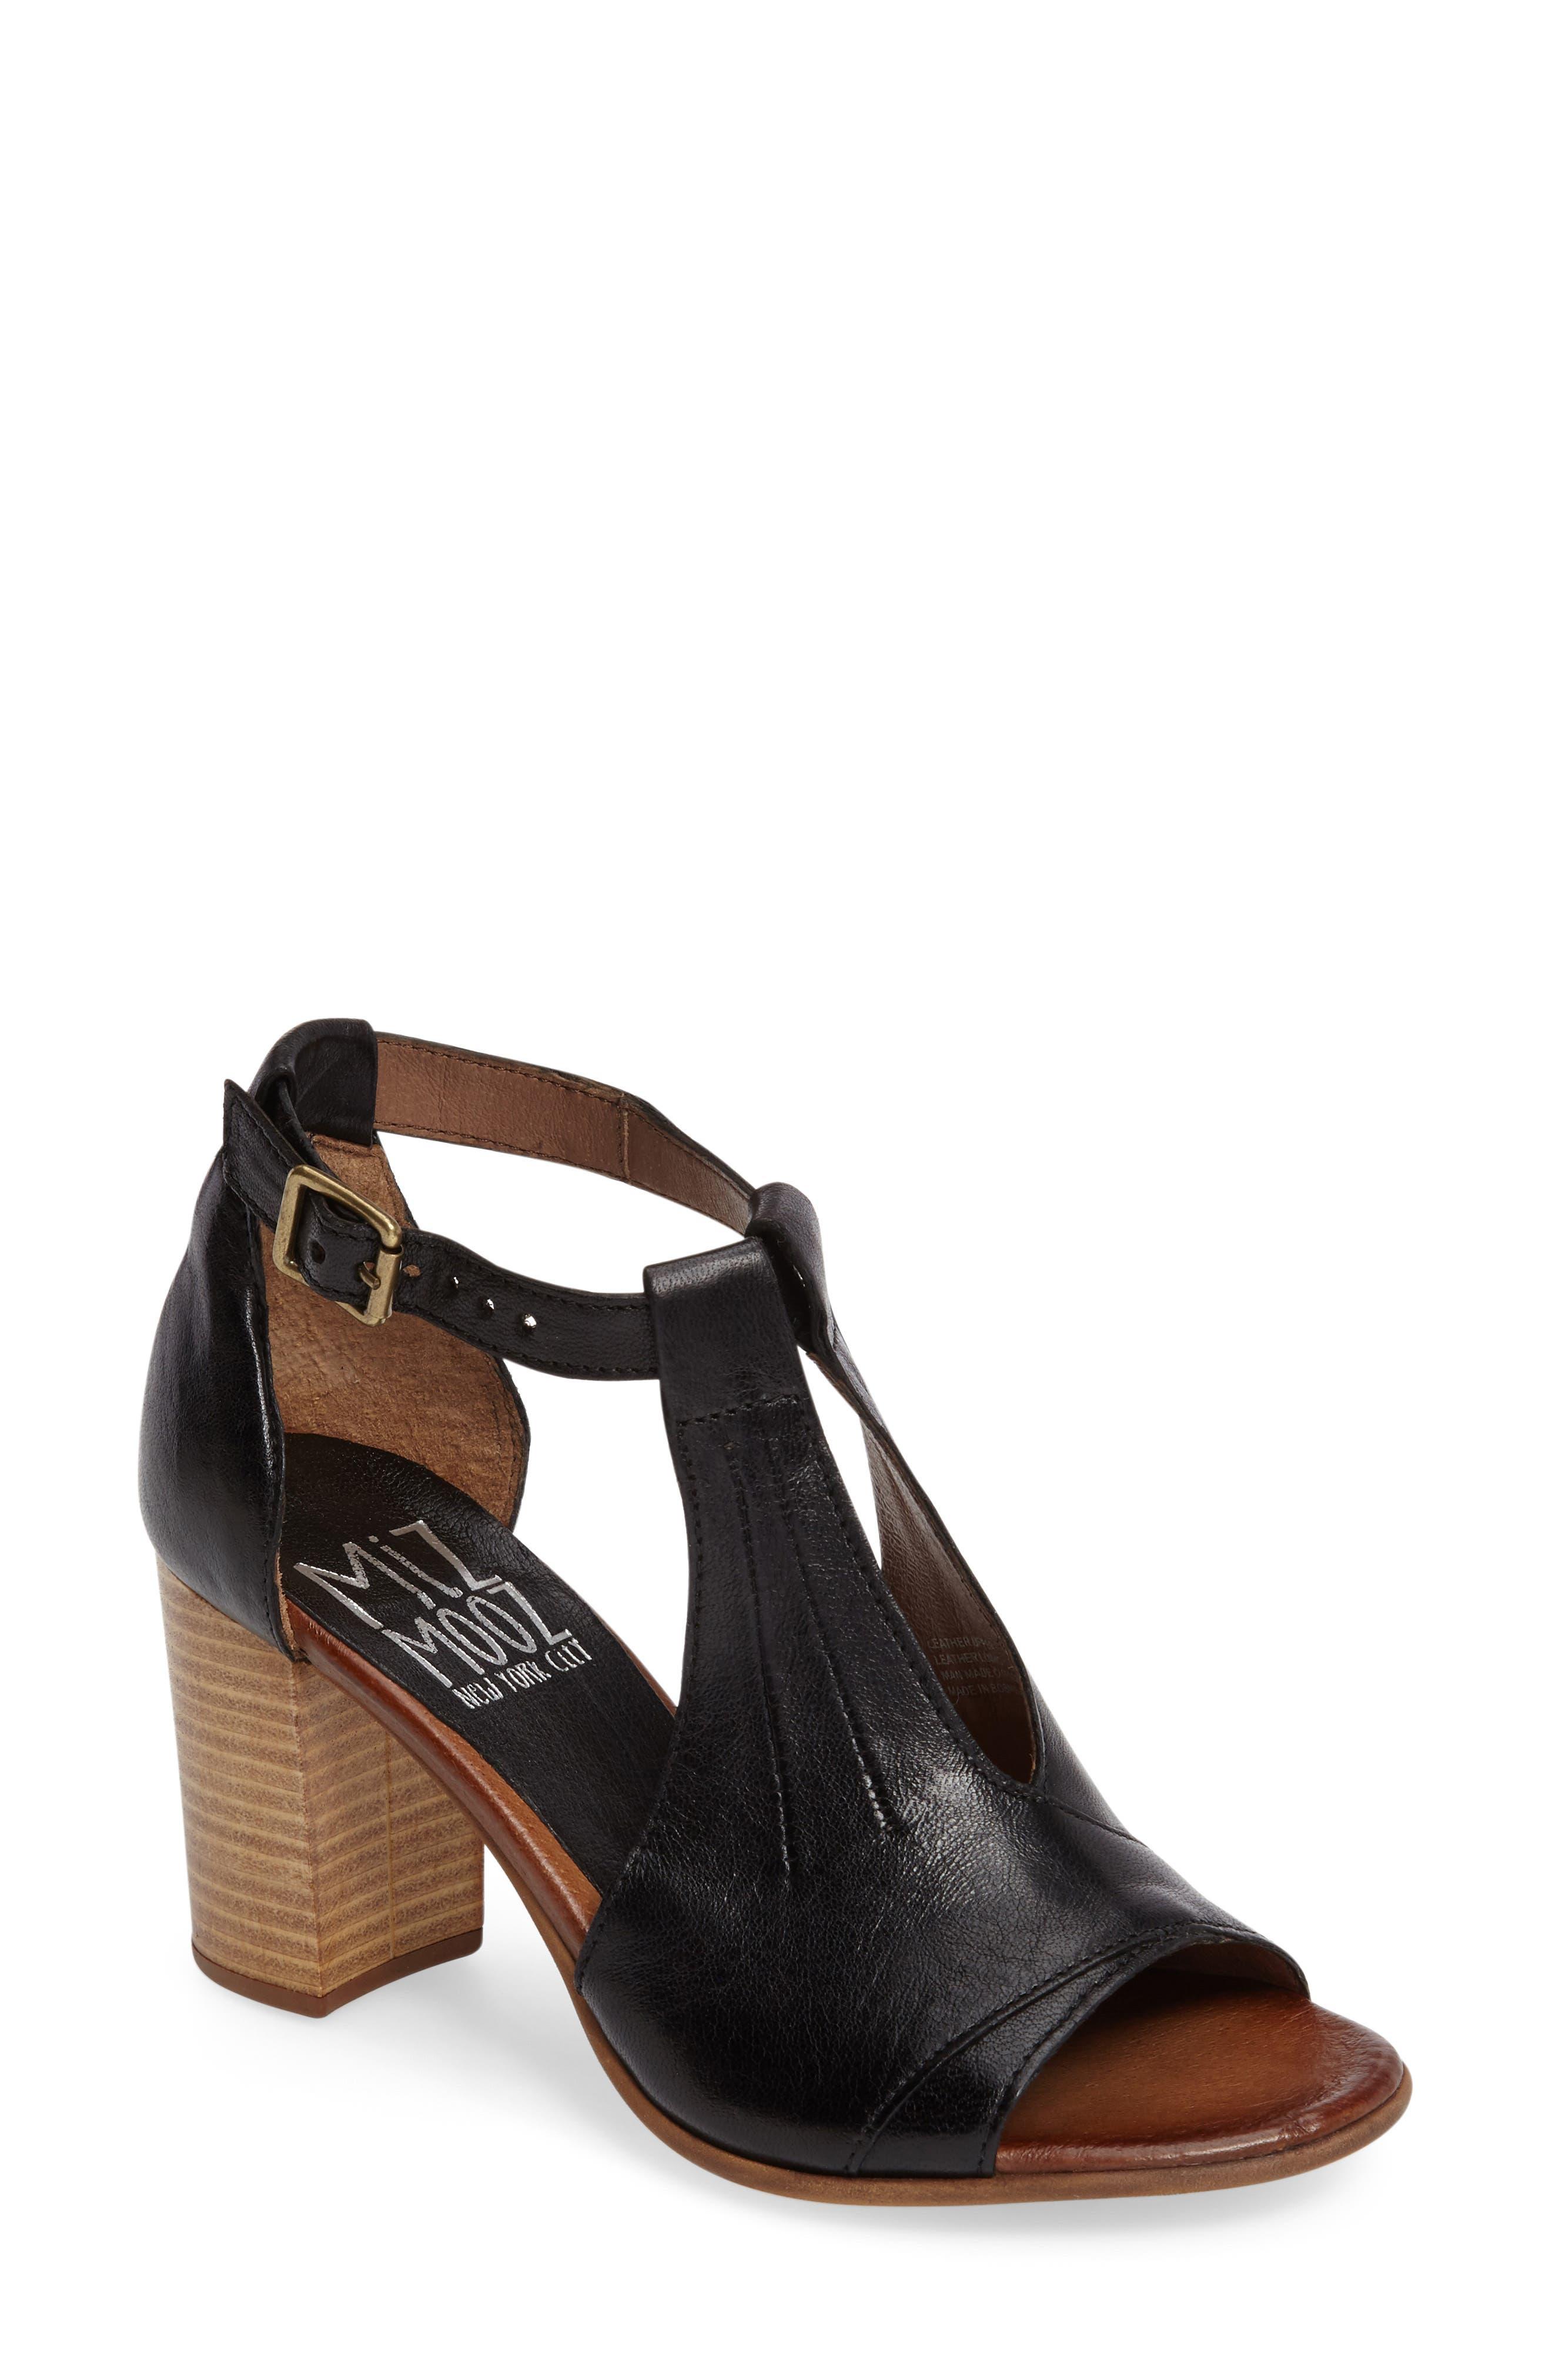 Main Image - Miz Mooz Savannah T-Strap Strap Sandal (Women)